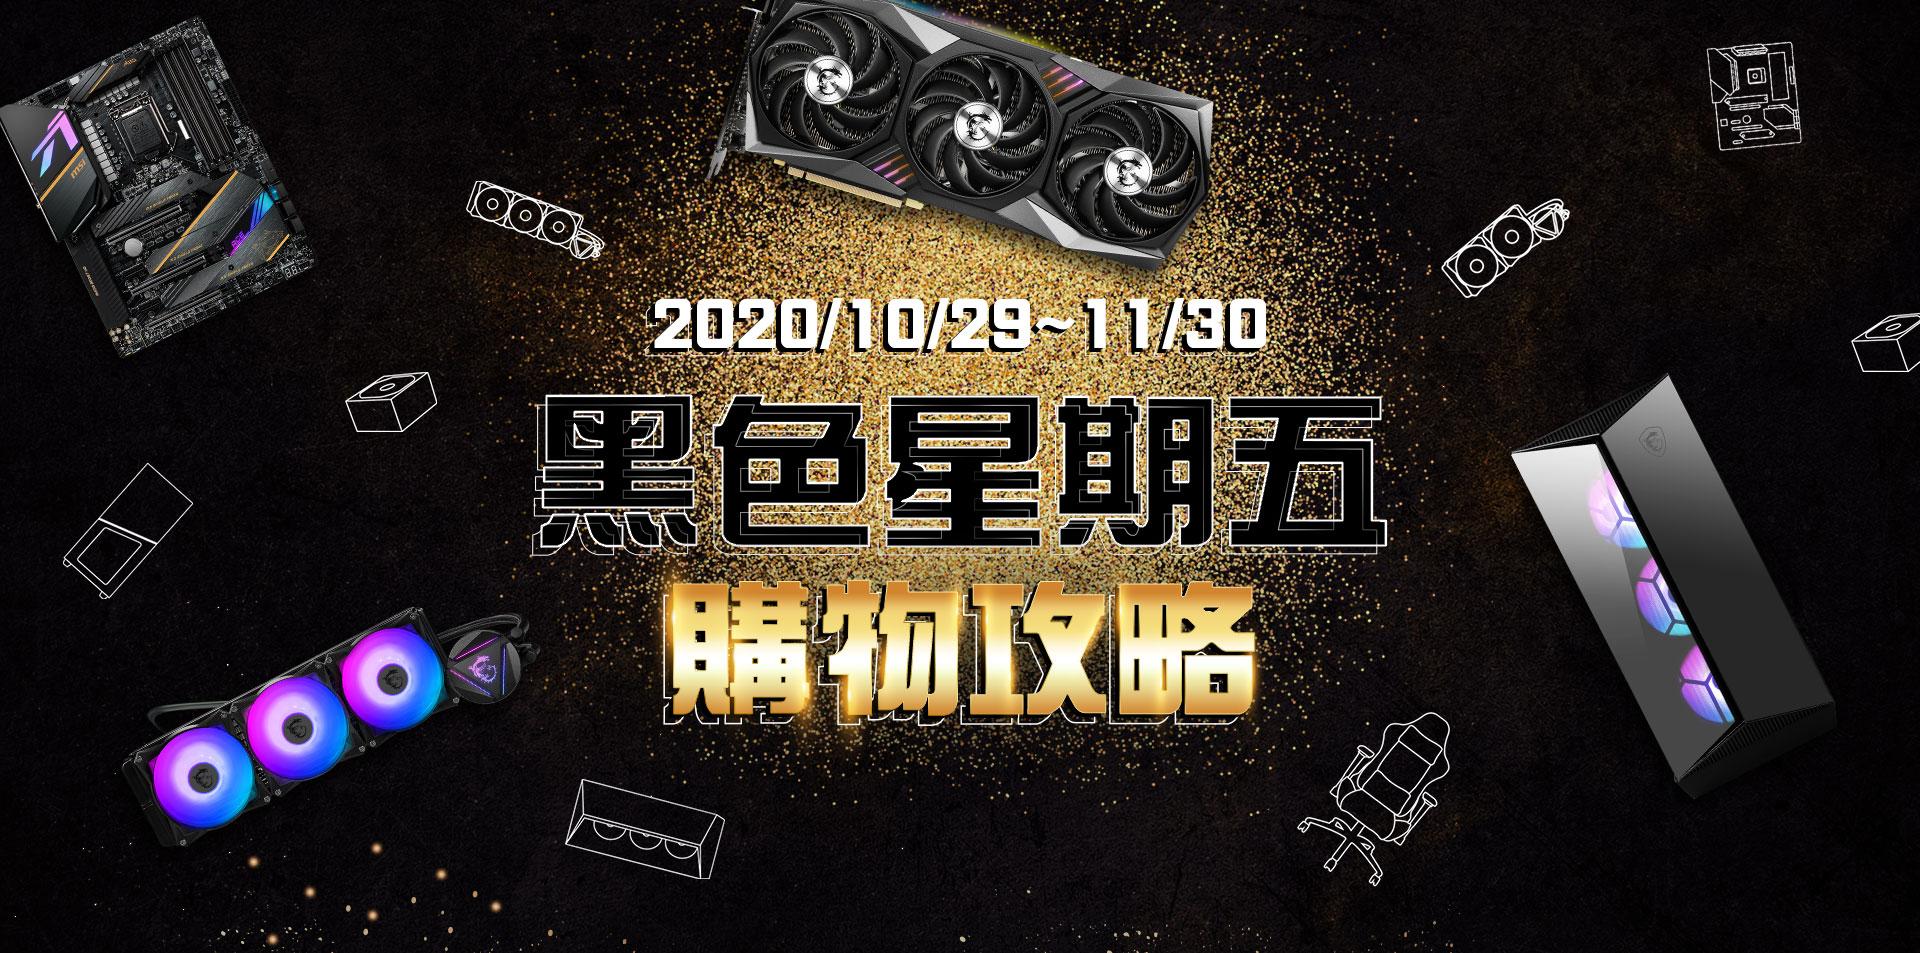 微星黑色星期五 2020 活動 Banner